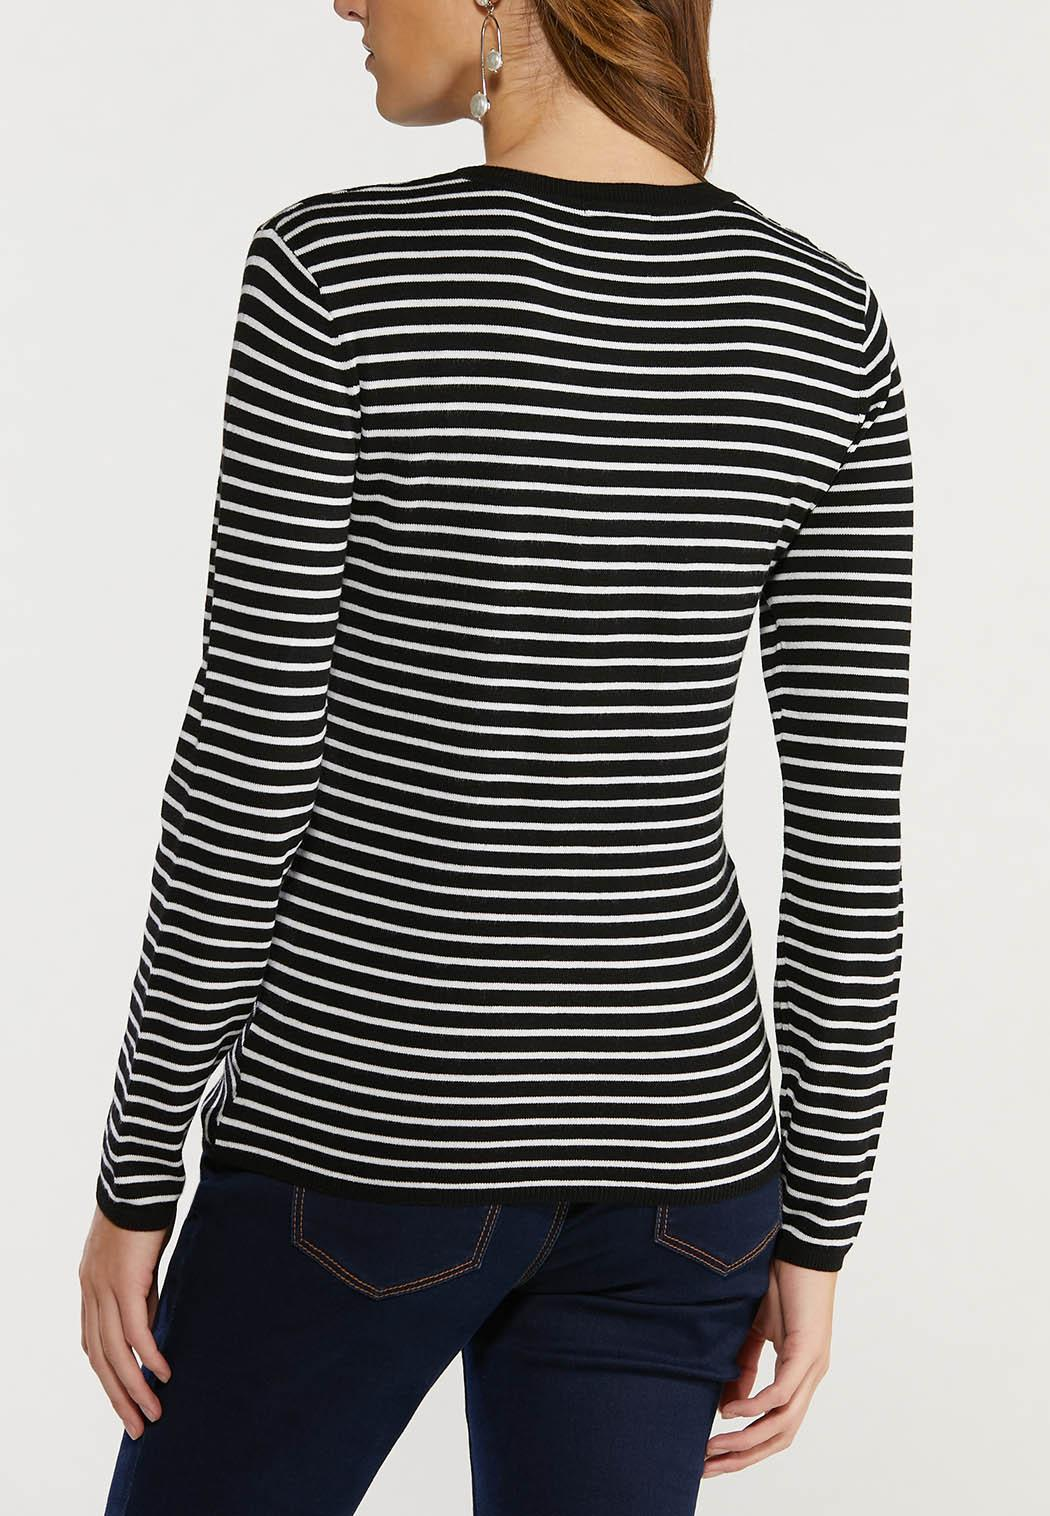 Contrast Stripe Sweater (Item #44492105)